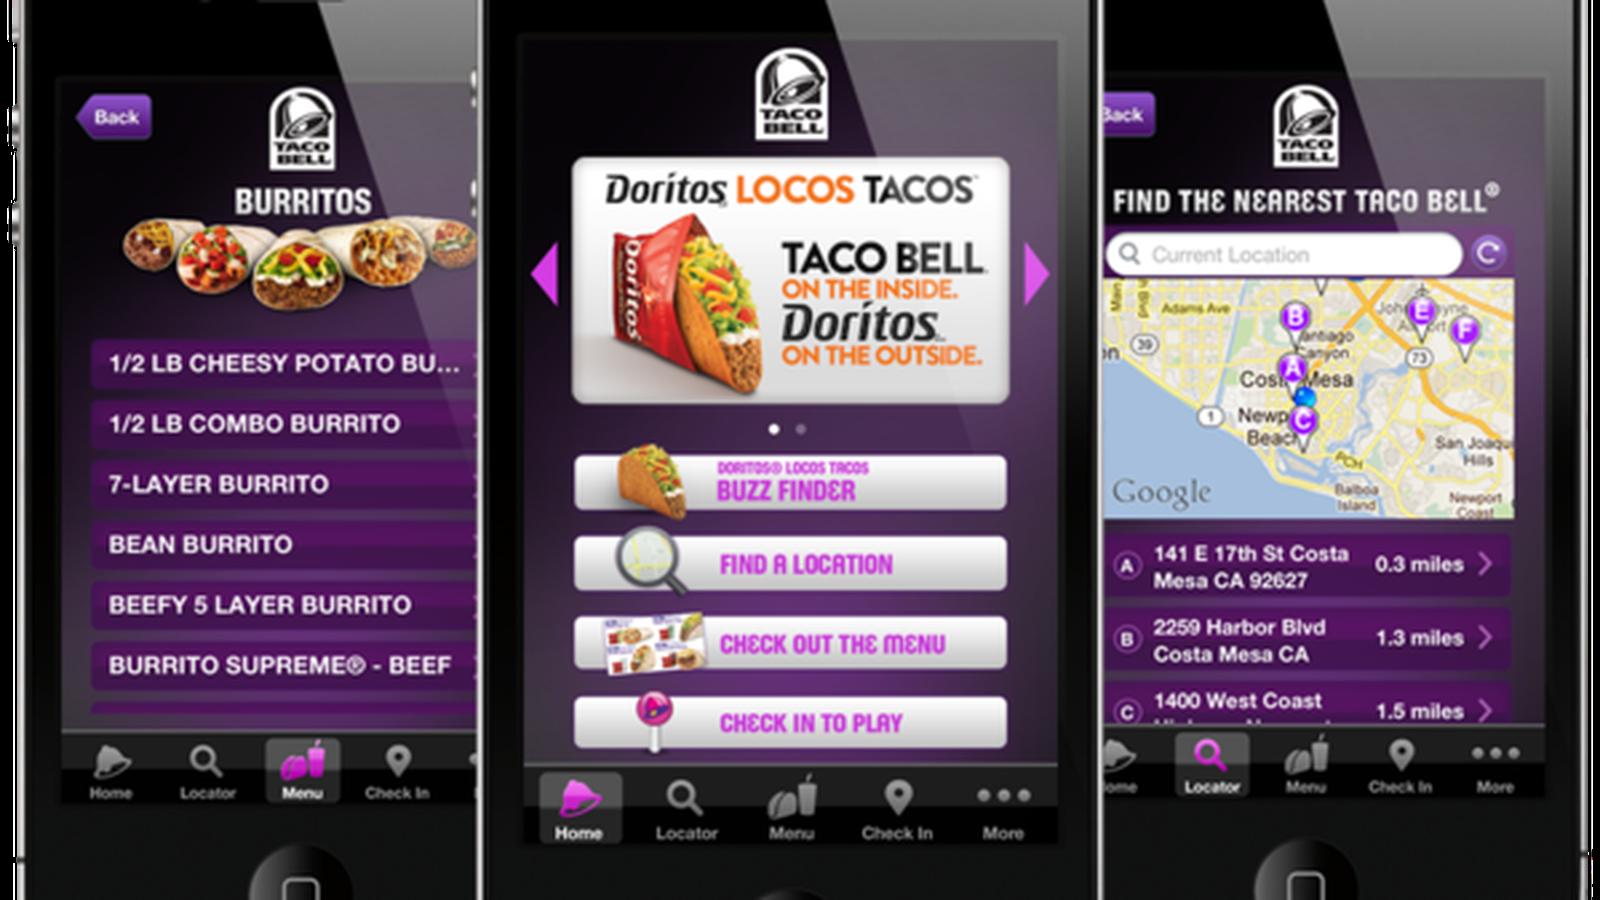 Rede de restaurantes Taco Bell investe em apps e atuação digital para atrair fãs